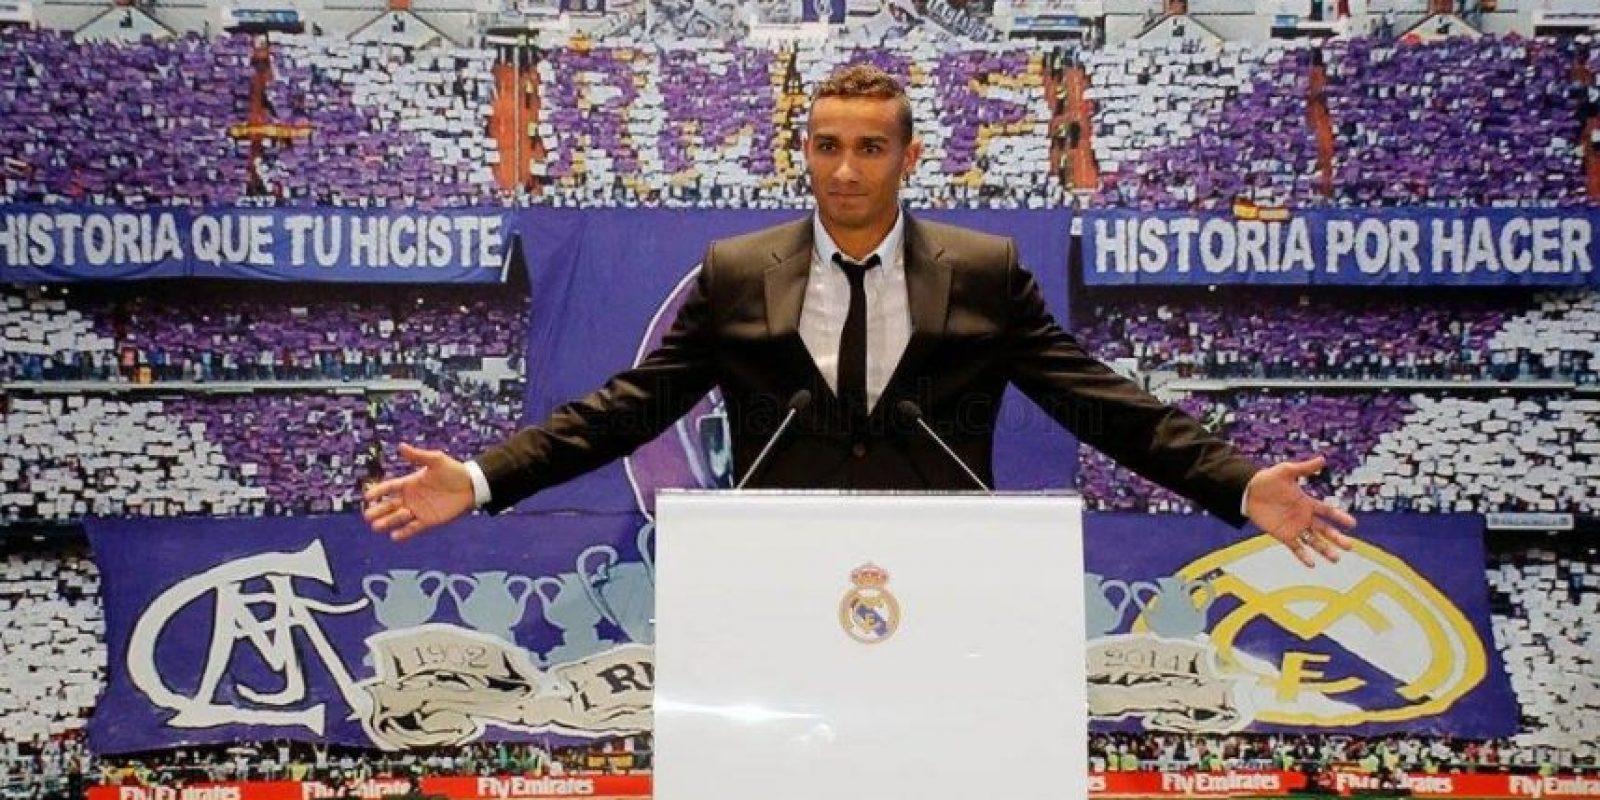 El brasileño Danilo Luiz da Silva es el nuevo jugador del Real Madrid. Foto:Vía facebook.com/RealMadrid